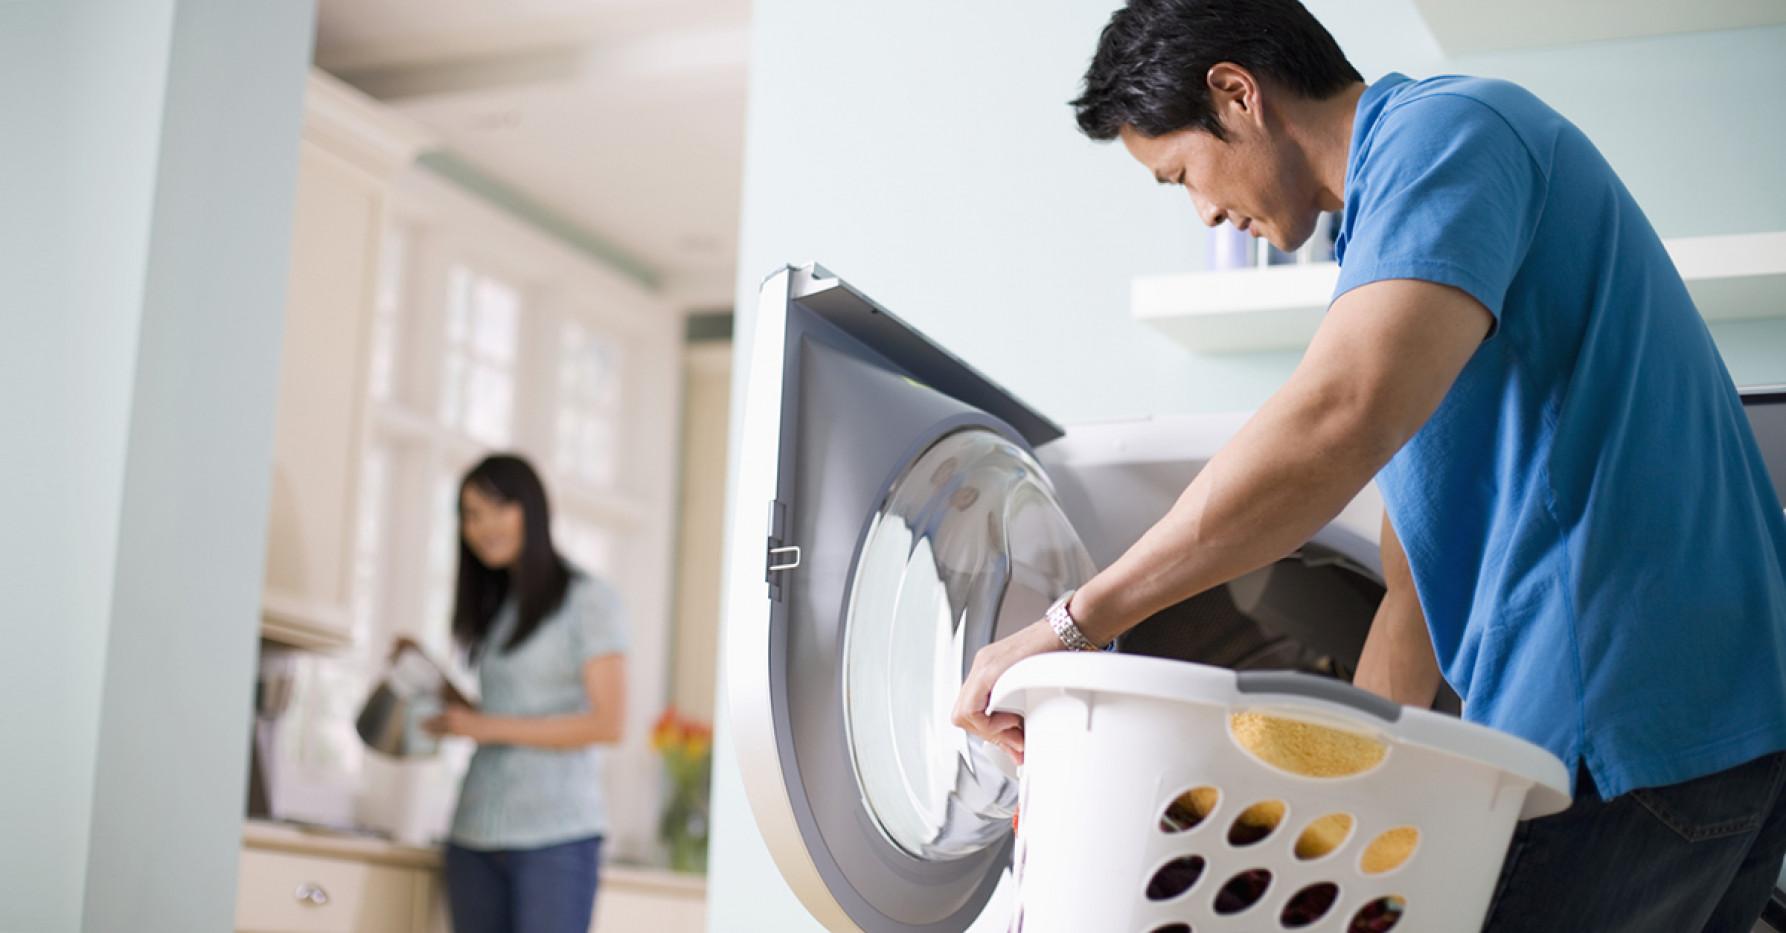 Chuyên gia tâm lý phân tích những hiểu lầm khi 'chồng làm việc nhà, gia đình dễ đổ vỡ' - Ảnh 2